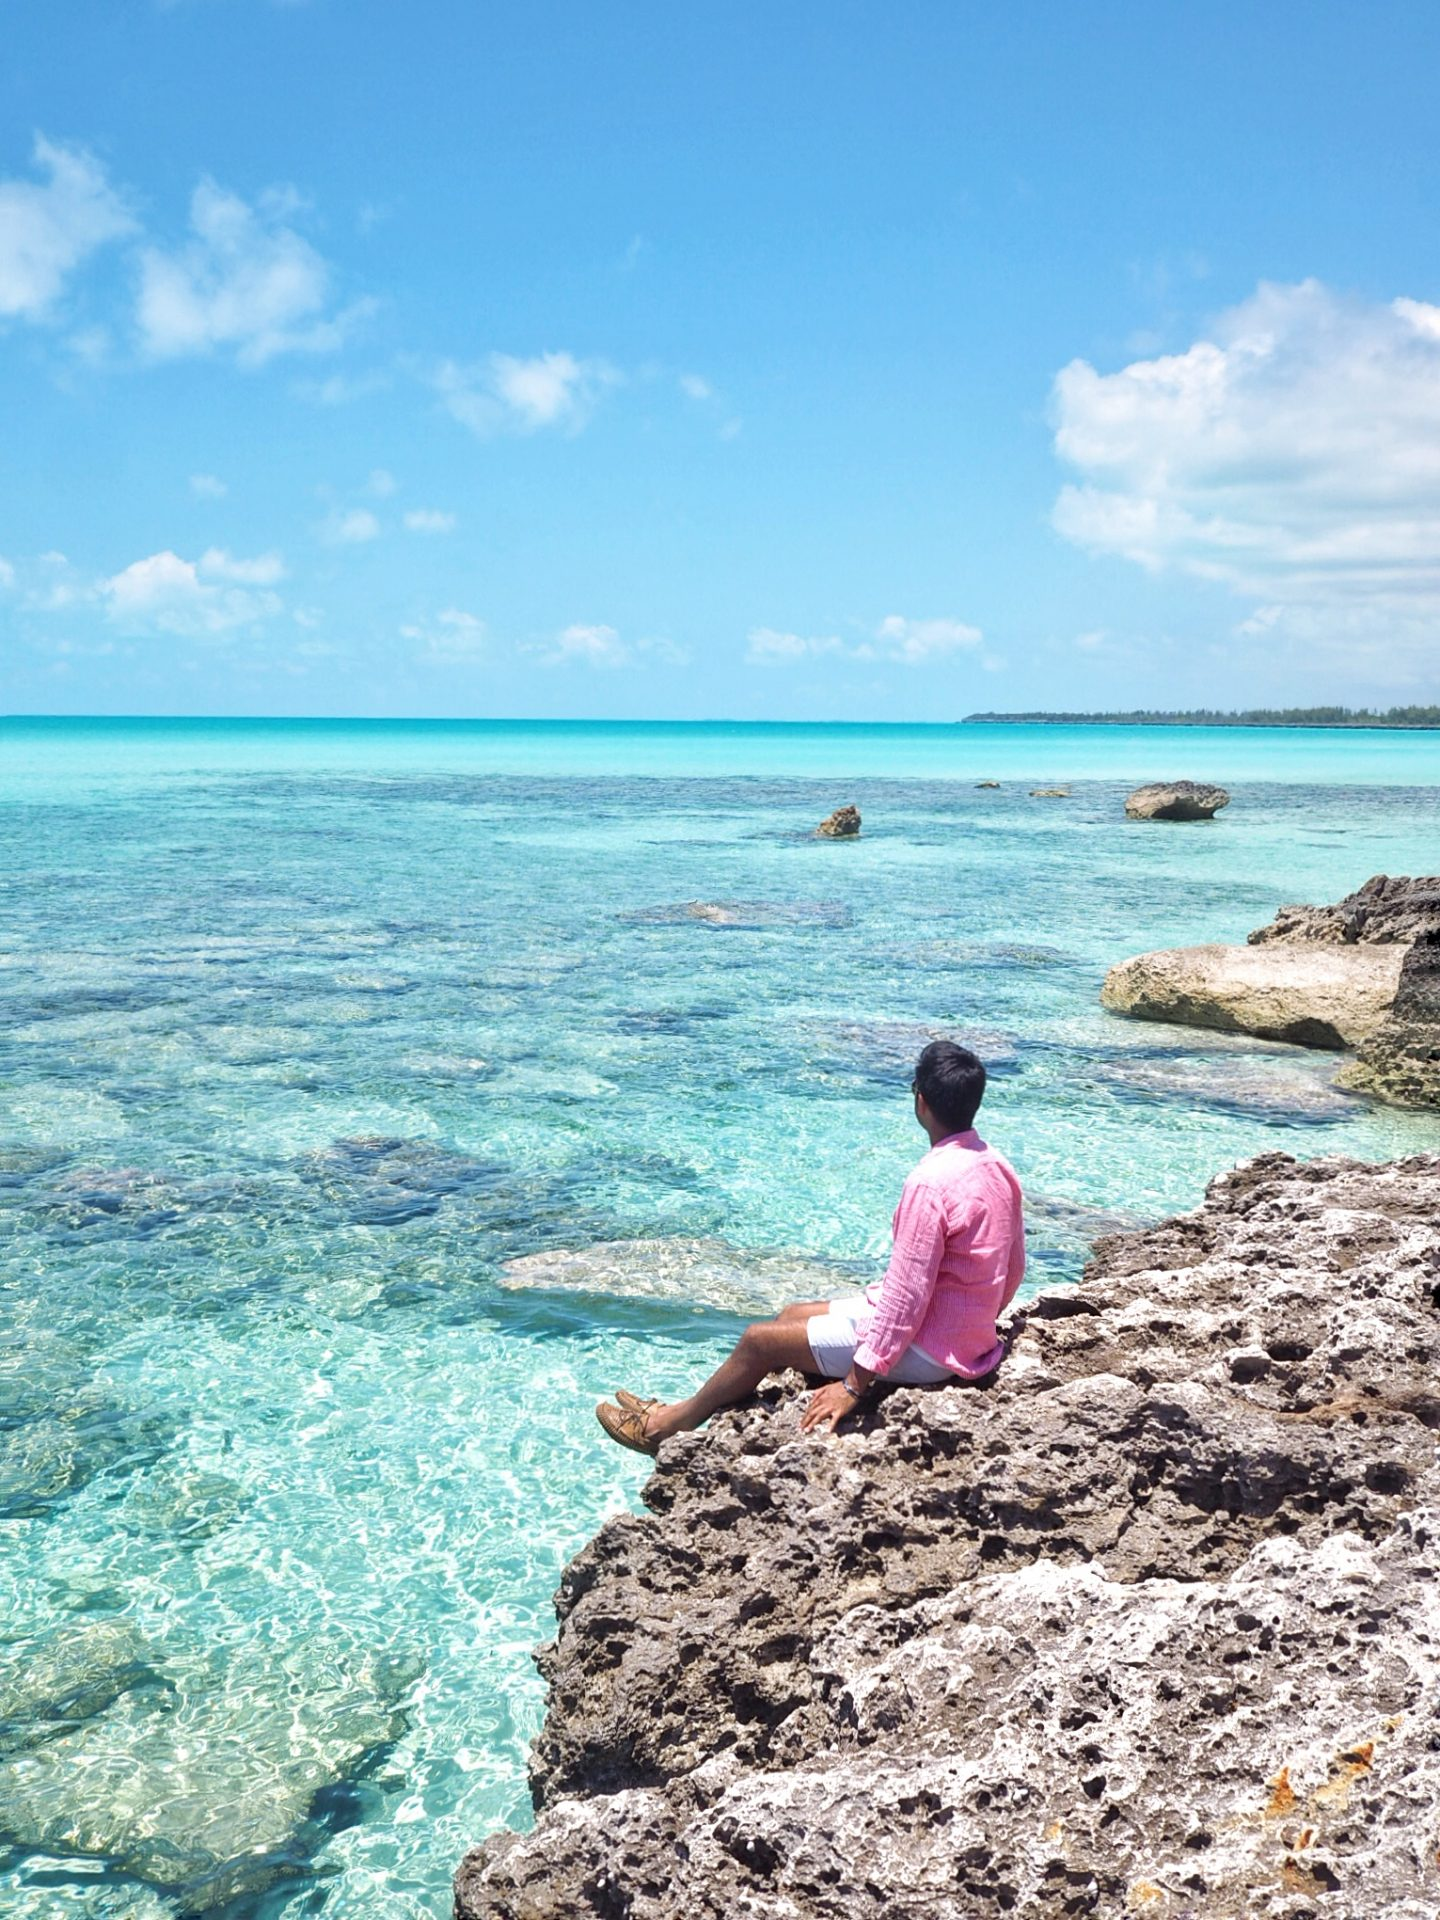 Travel: The Bahamas